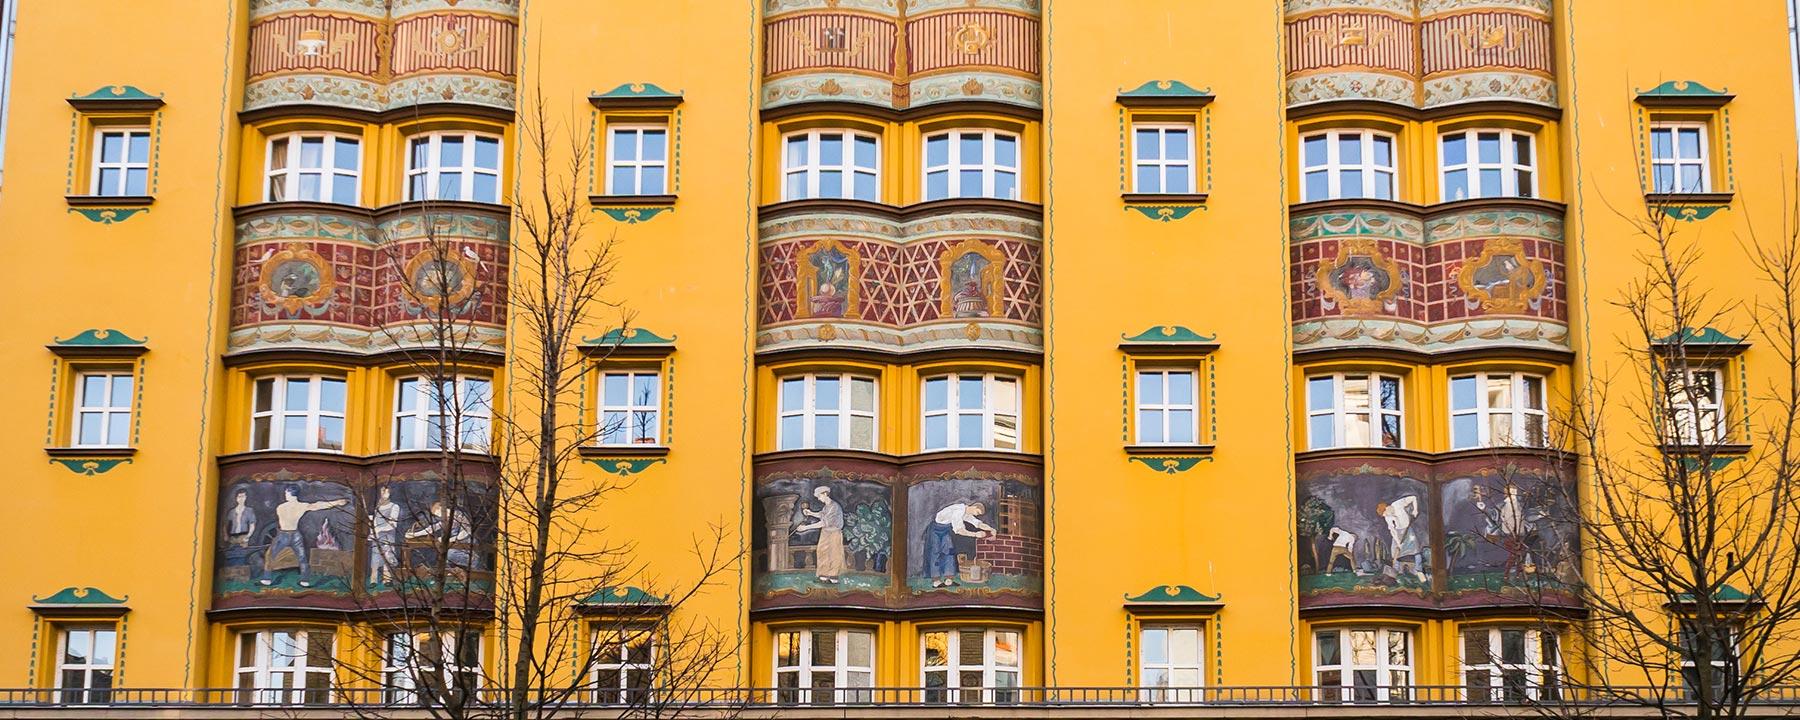 Fassade Jugendstil berlin